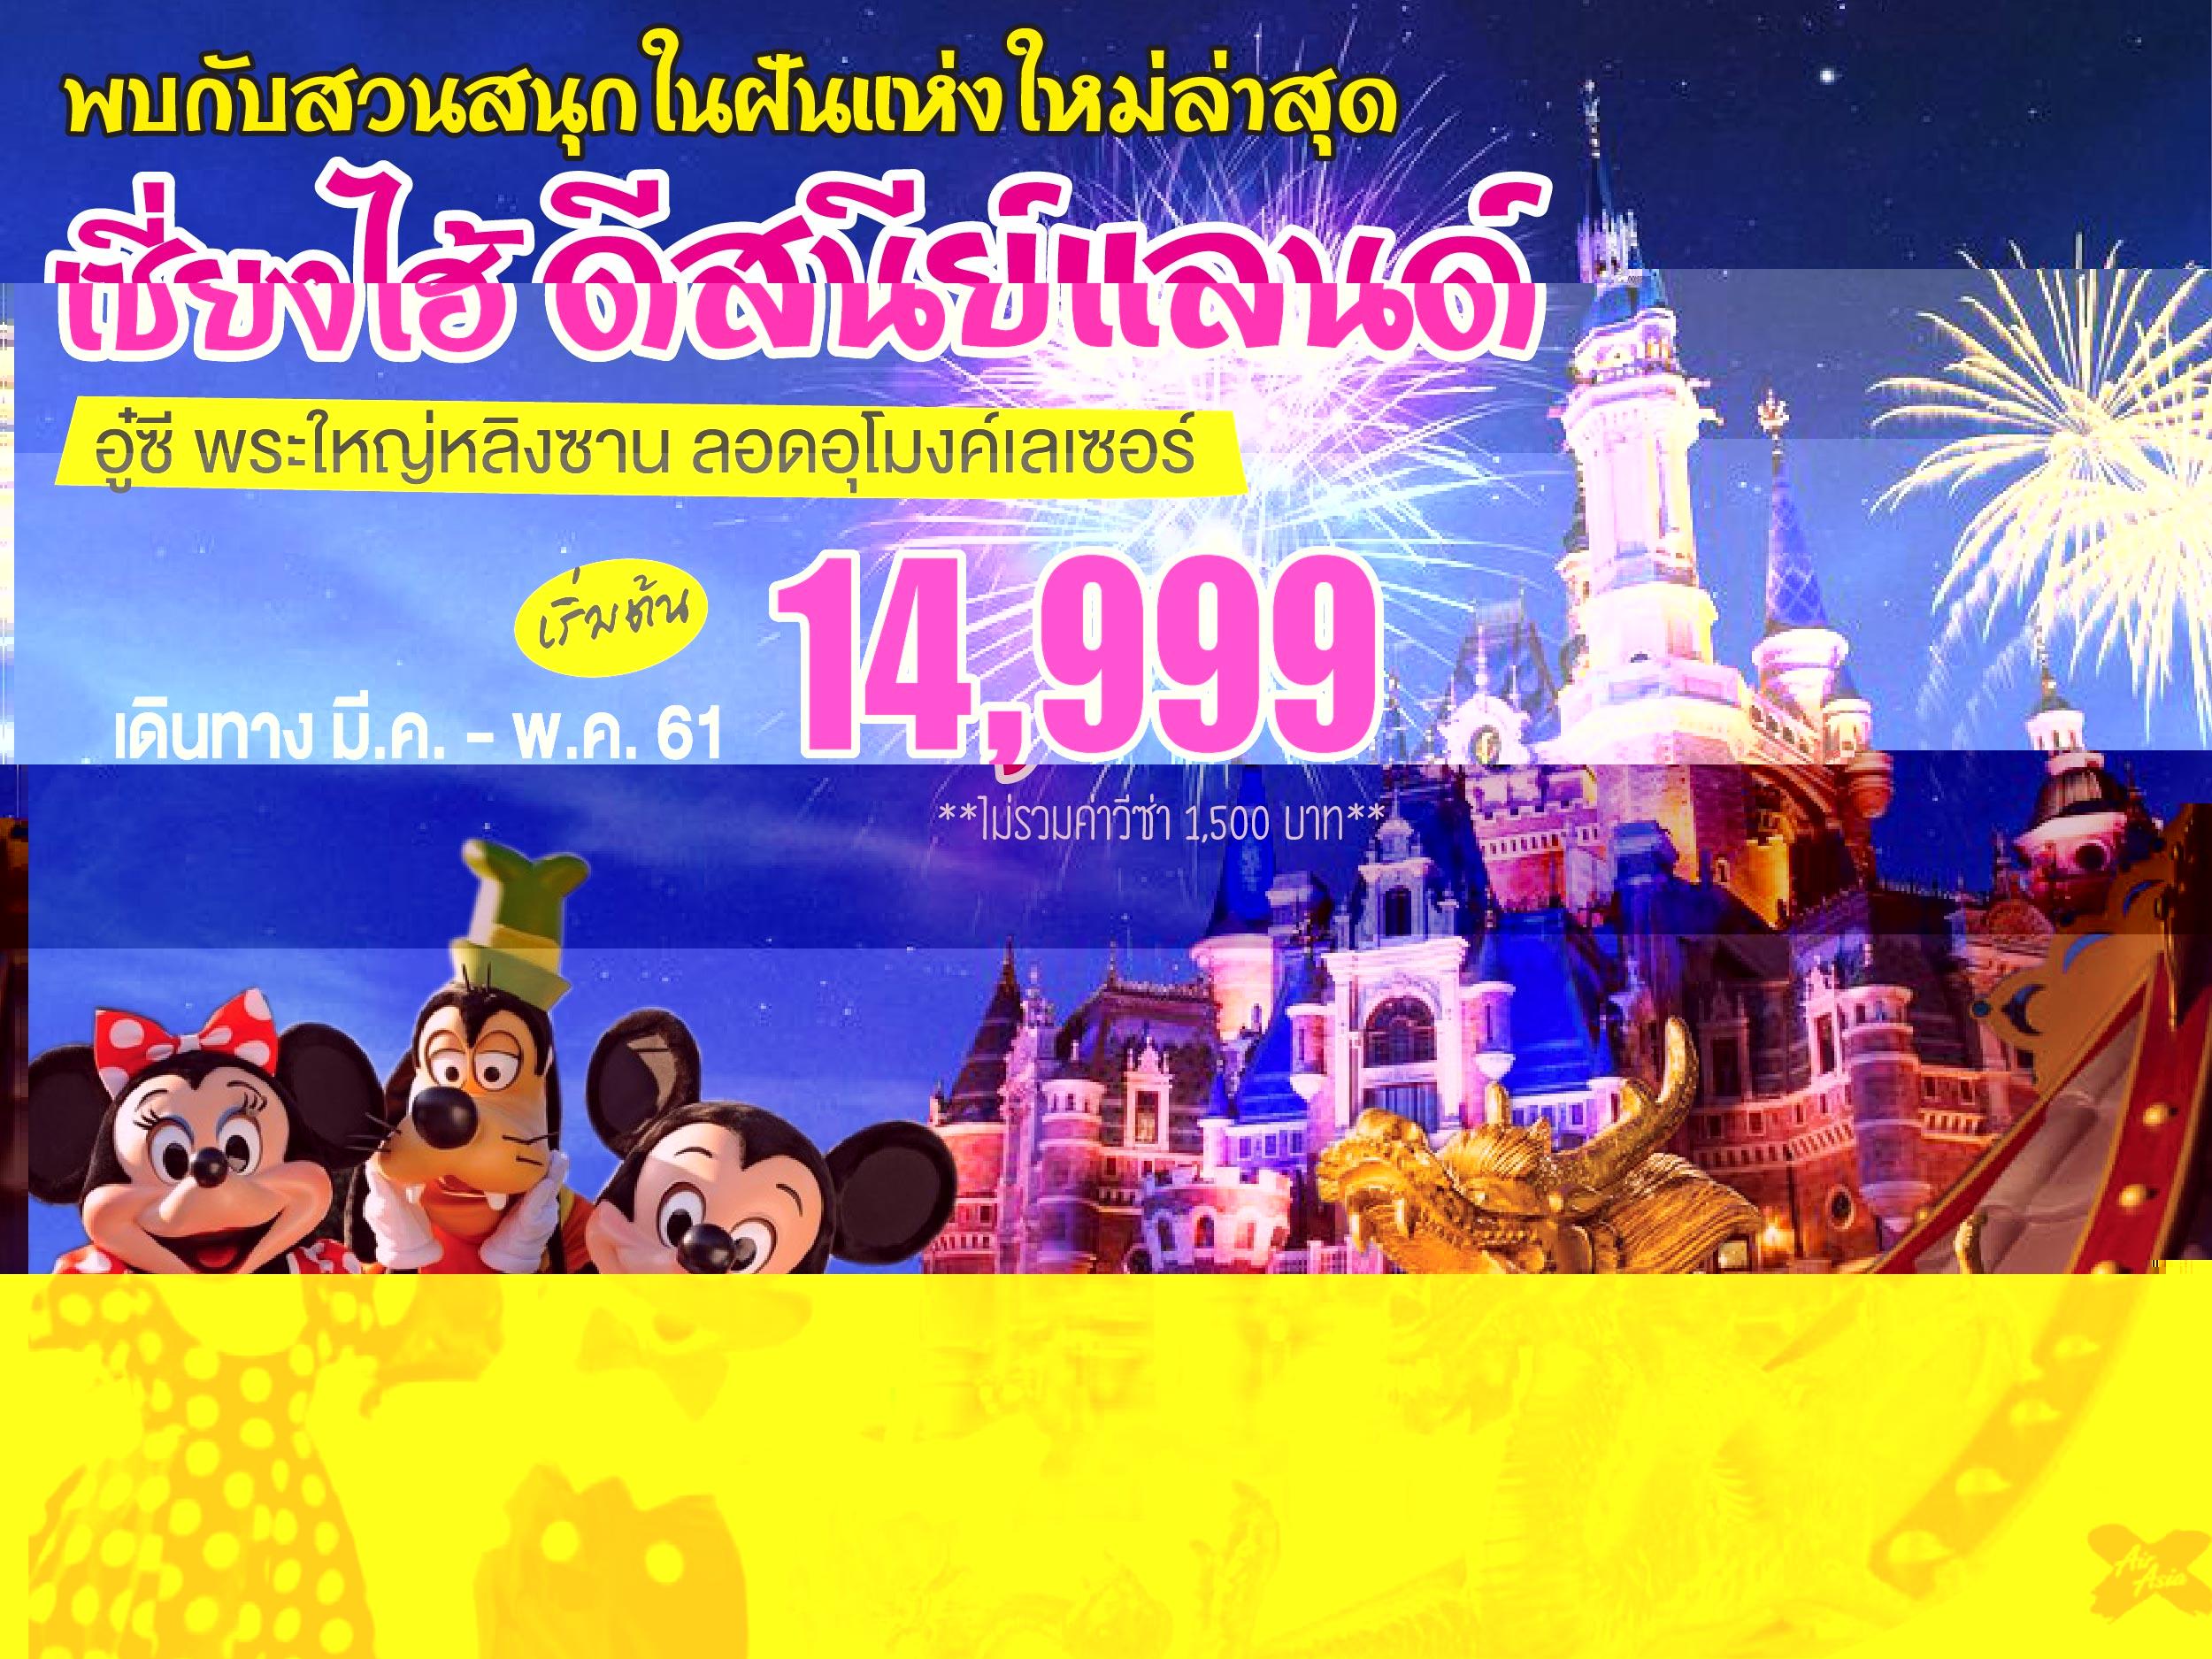 เซี่ยงไฮ้ พบสวนสนุกในฝันดีสนีย์แลนด์ แห่งใหม่ล่าสุด!!! 5 วัน